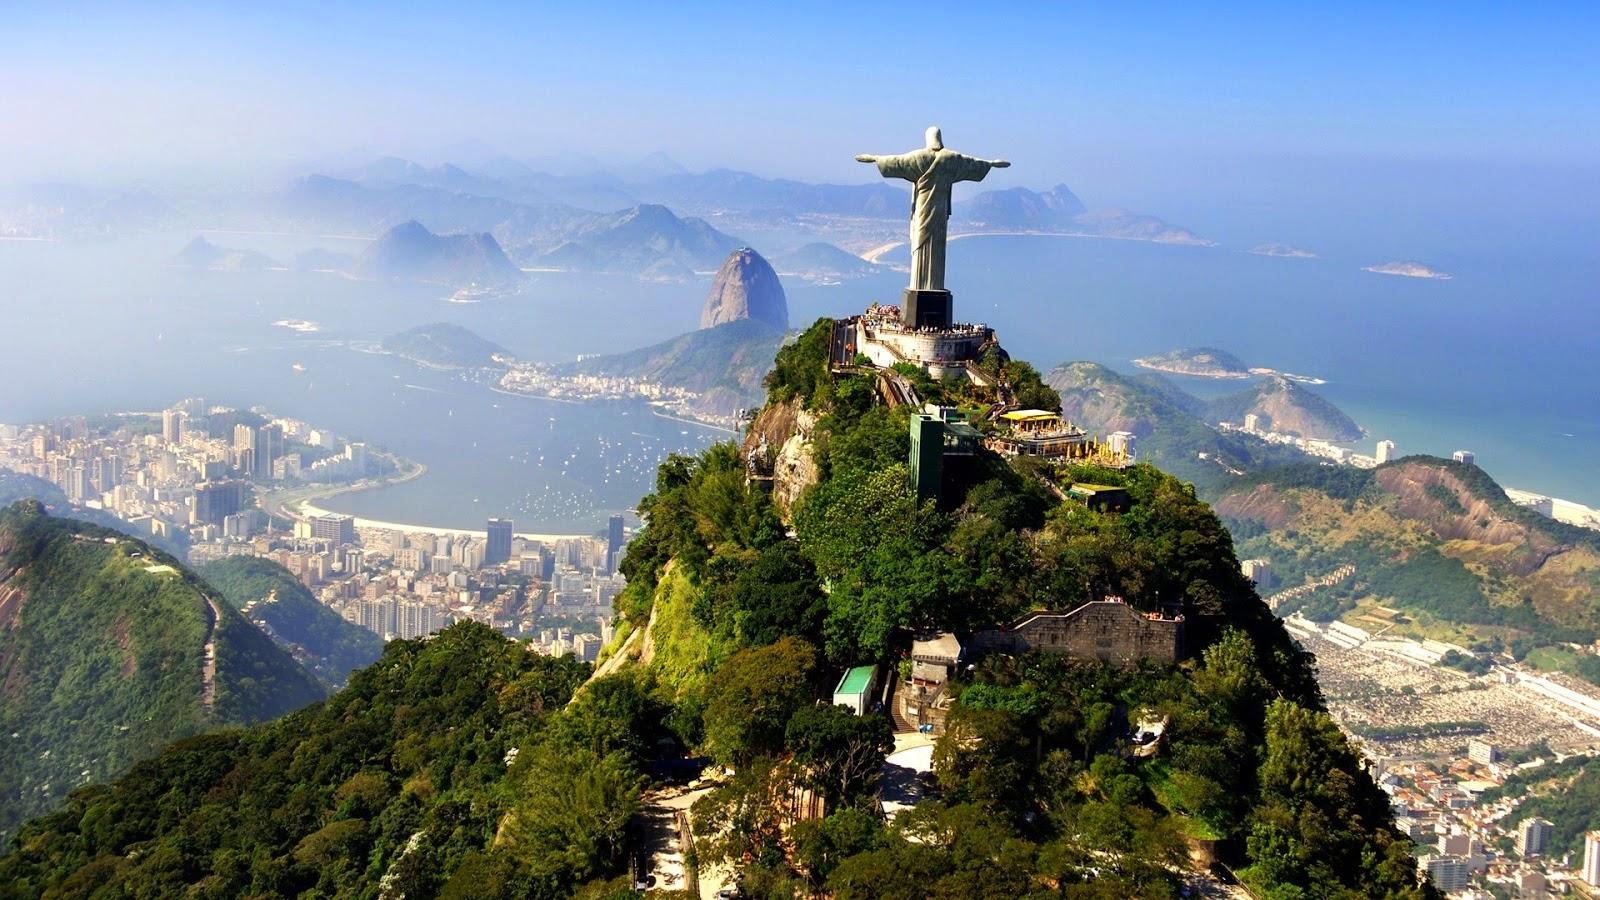 https://3.bp.blogspot.com/-JFJIFKhA4ZU/U6bvVR_9kDI/AAAAAAAAZ3M/GP4BAzQJ3f8/s1600/Brazil-Wallpapers-HD-Landscape.jpg